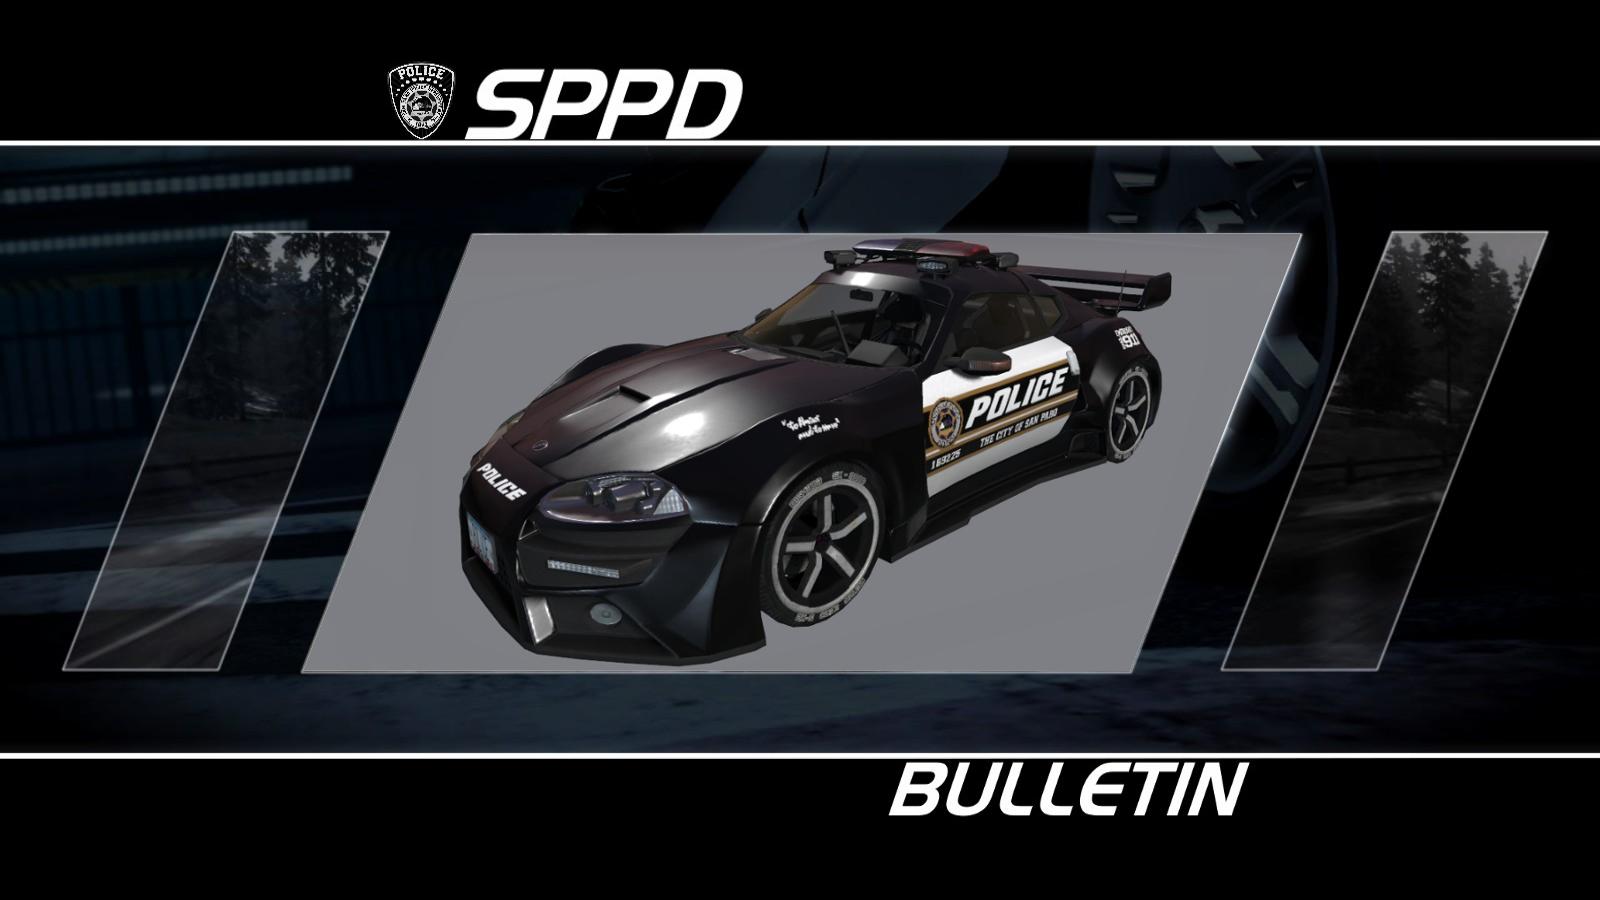 Police_Bishada_Bulletin.png